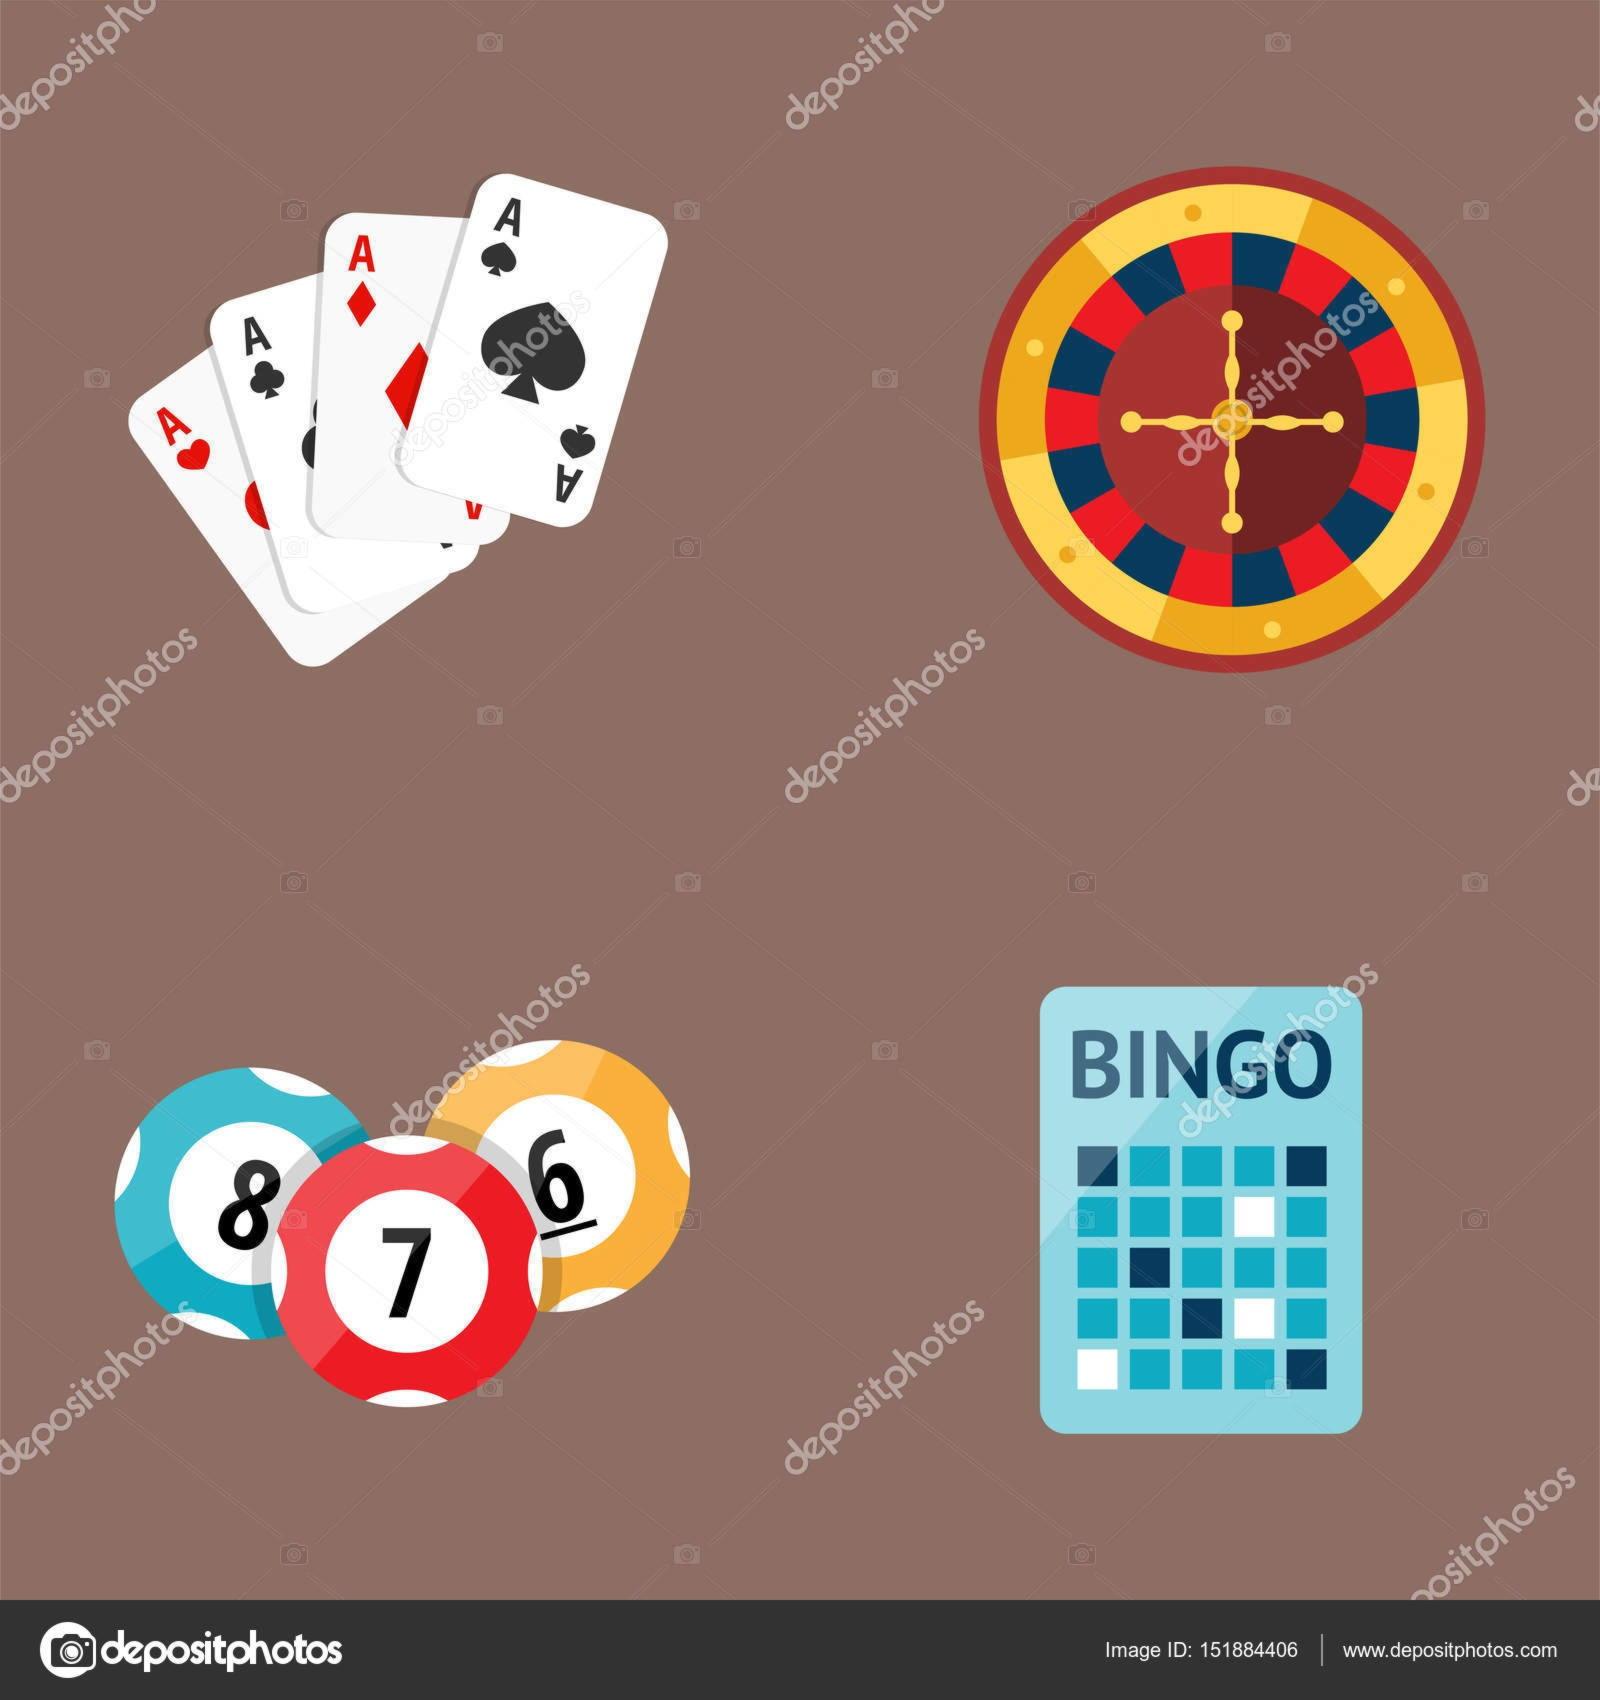 EURO 666 FREE Chip Casino at Euro Slots